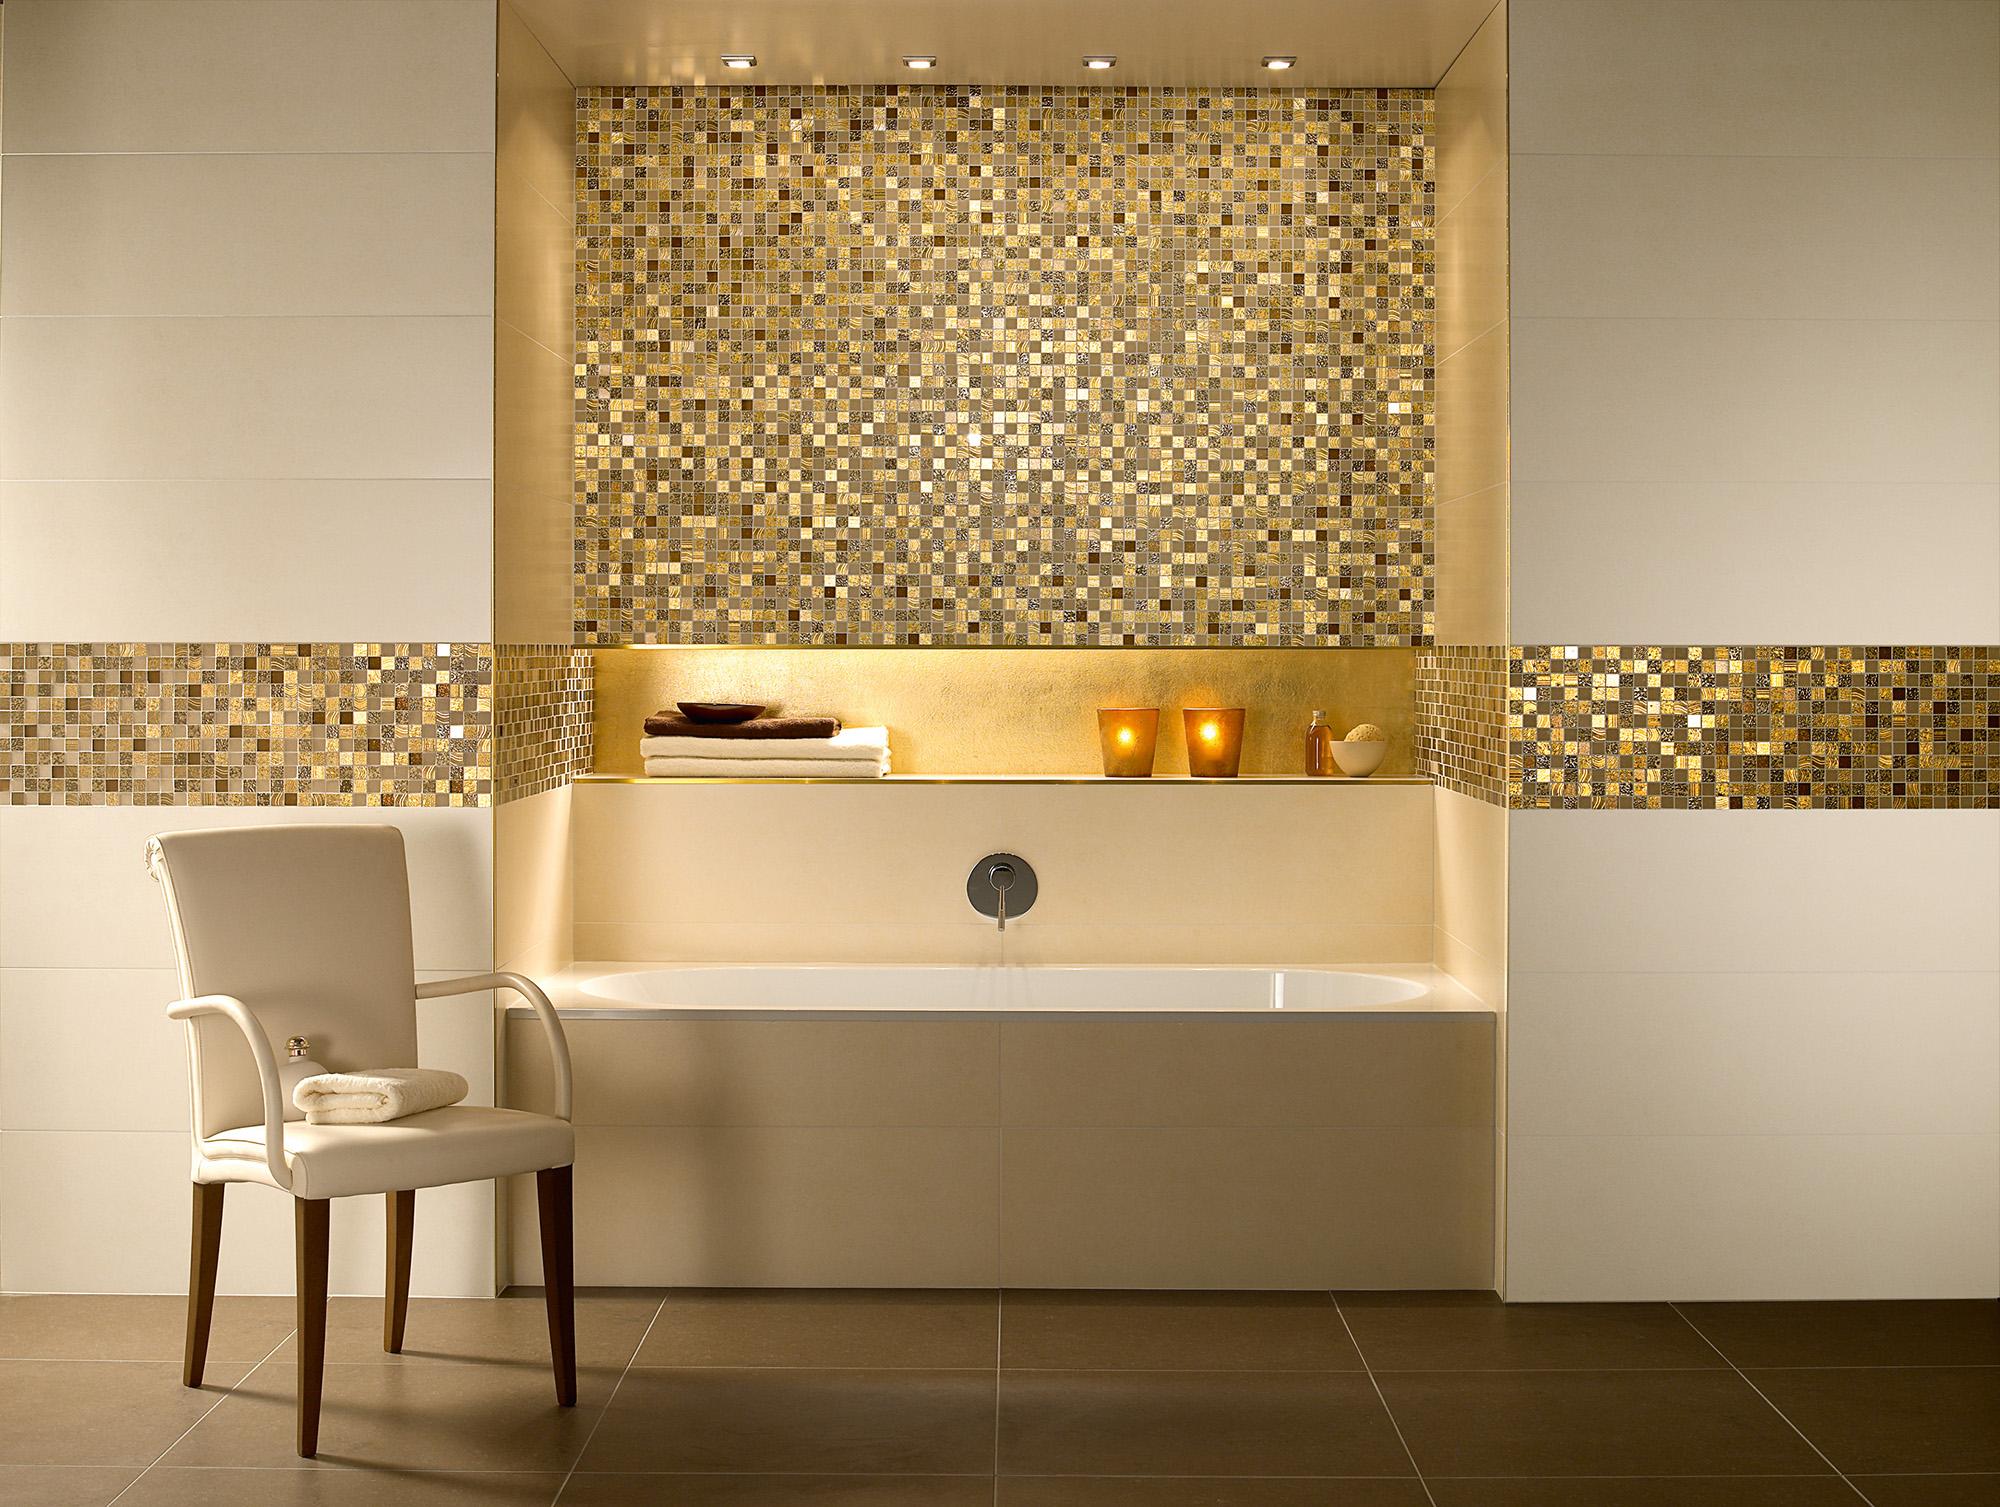 Мозаика в интерьере ванной комнаты (20 фото): красивые дизайны